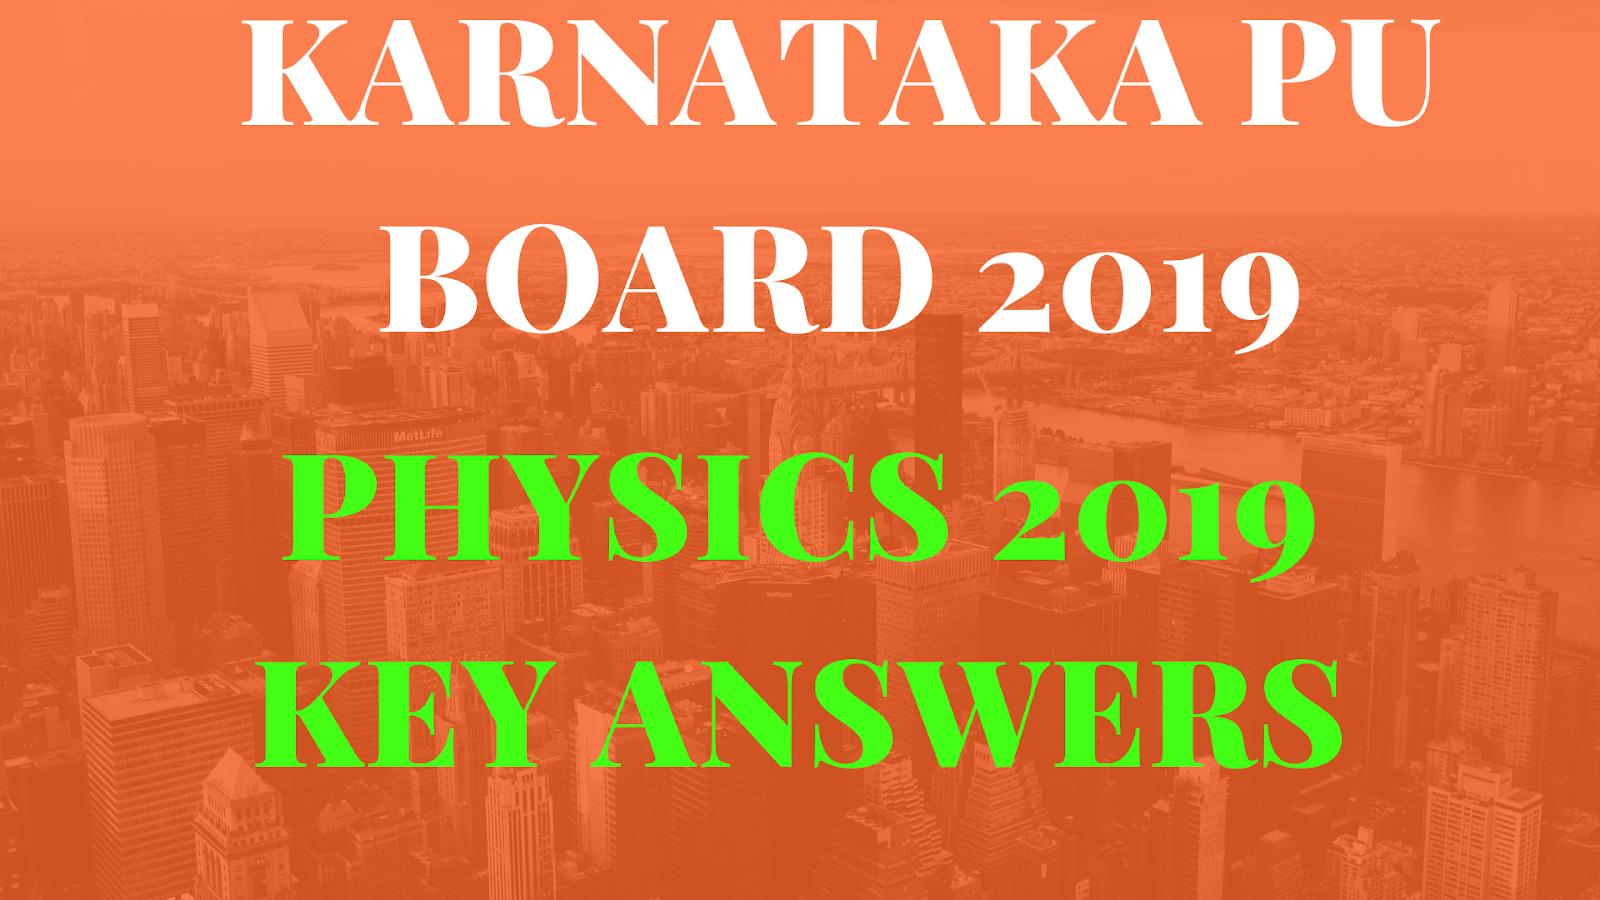 Physics PUC 2 nd year Key Answers Karnataka PU Board 2019